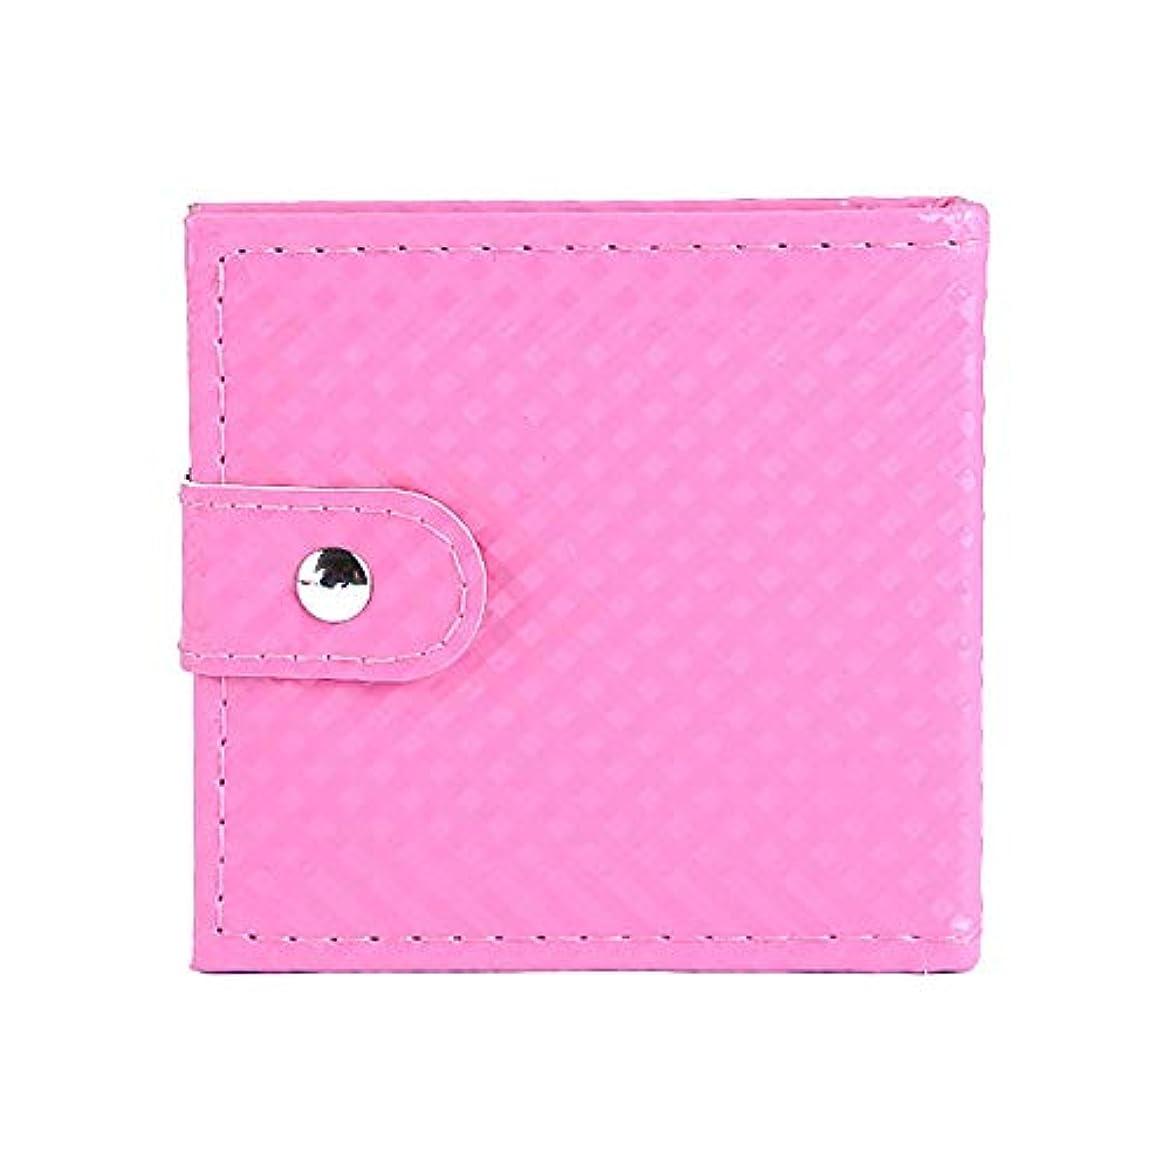 郡褐色機械Akane アイシャドウパレット 可愛い 魅力的 ファッション 人気 気質的 グロス 持ち便利 チャーム 防水 長持ち おしゃれ Eye Shadow (32色) YYP